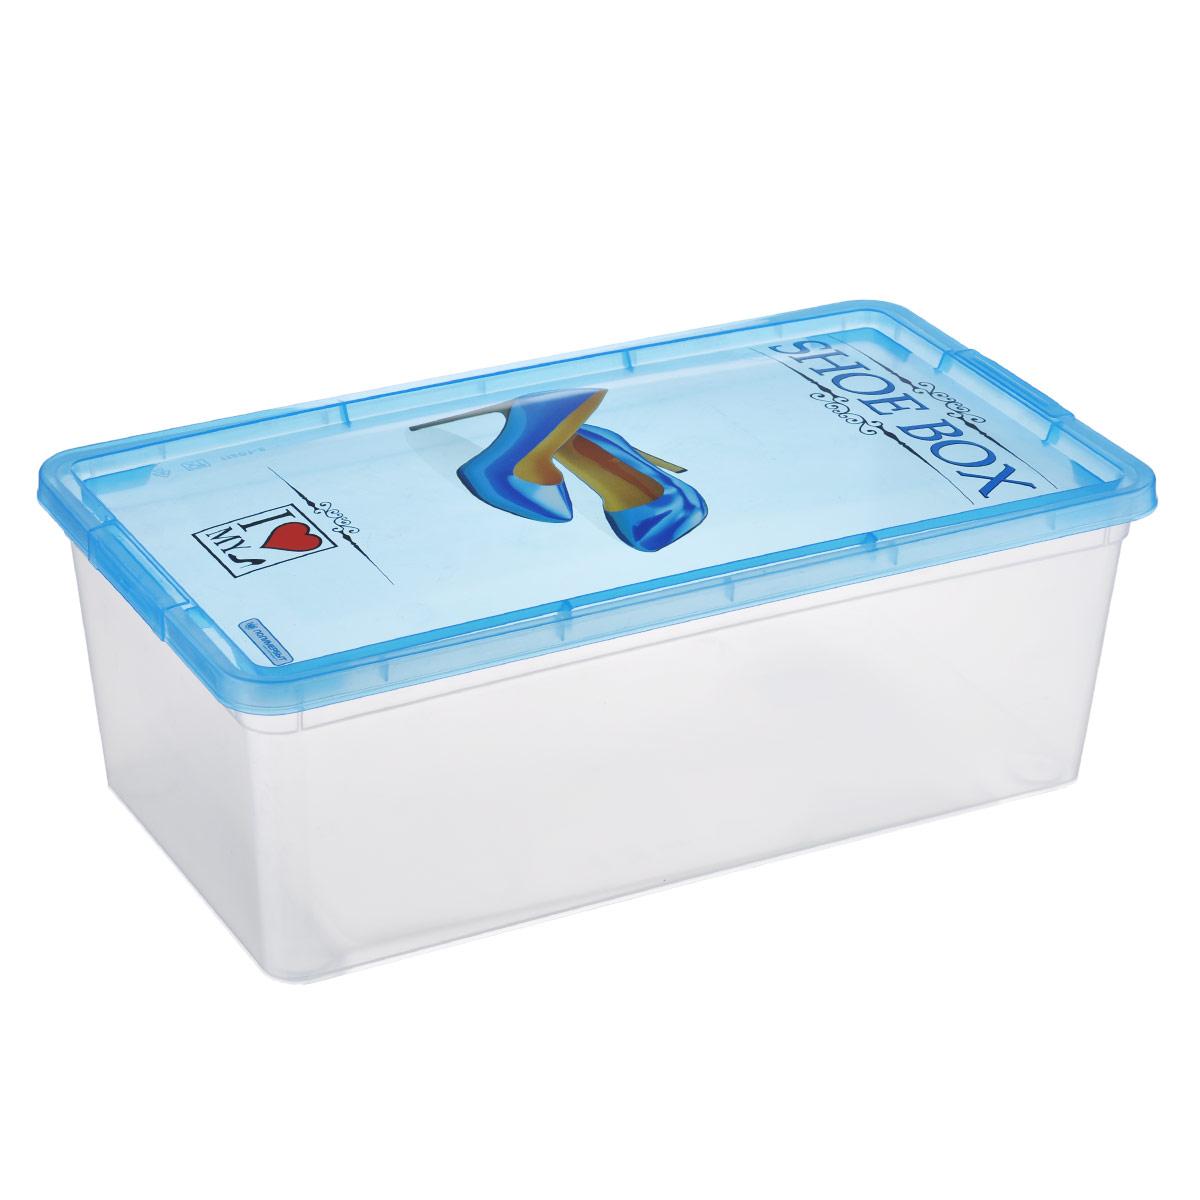 Коробка для обуви Полимербыт Shoe Box, цвет: голубой, 34 см х 19 см х 12 смС51101Коробка для обуви Полимербыт Shoe Box изготовлена из высококачественного прочного пластика. Предназначена для хранения туфель, босоножек, сандалий и другой летней обуви. Коробка плотно закрывается крышкой, украшенной изображением туфель. Яркая и практичная коробка всегда пригодится в домашнем гардеробе.